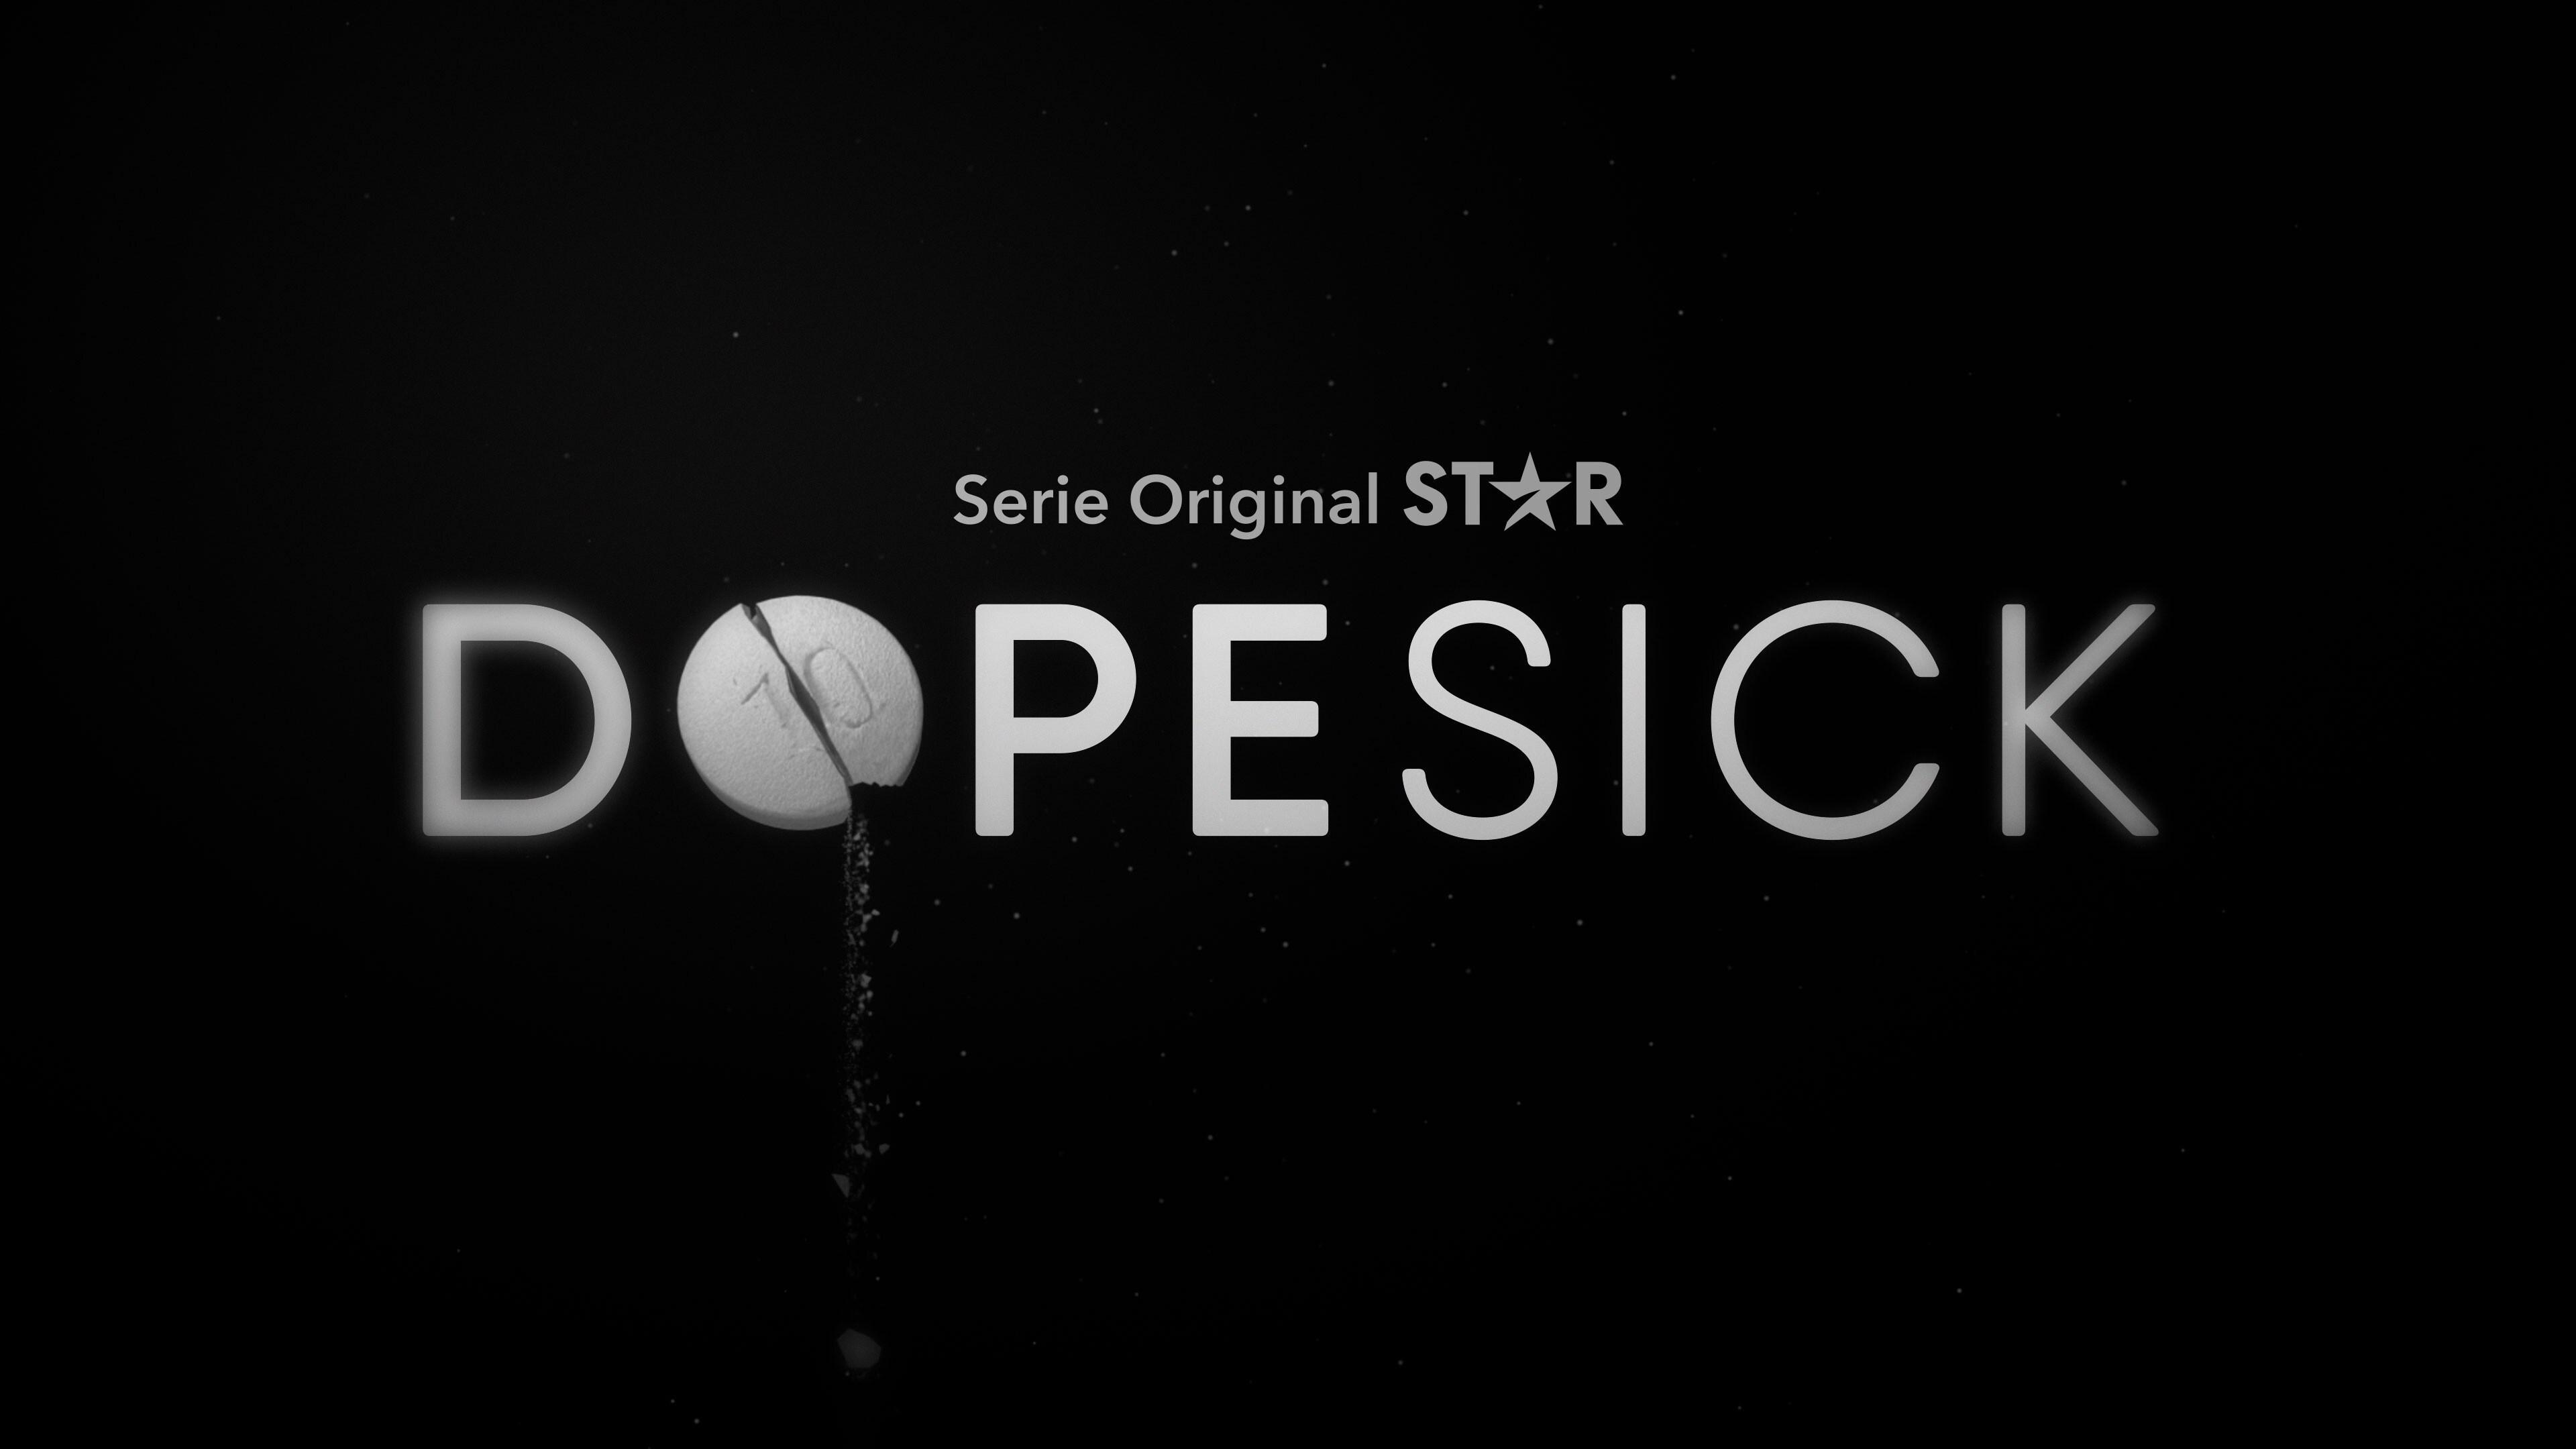 Não perca Dopesick, a nova série original do Star+